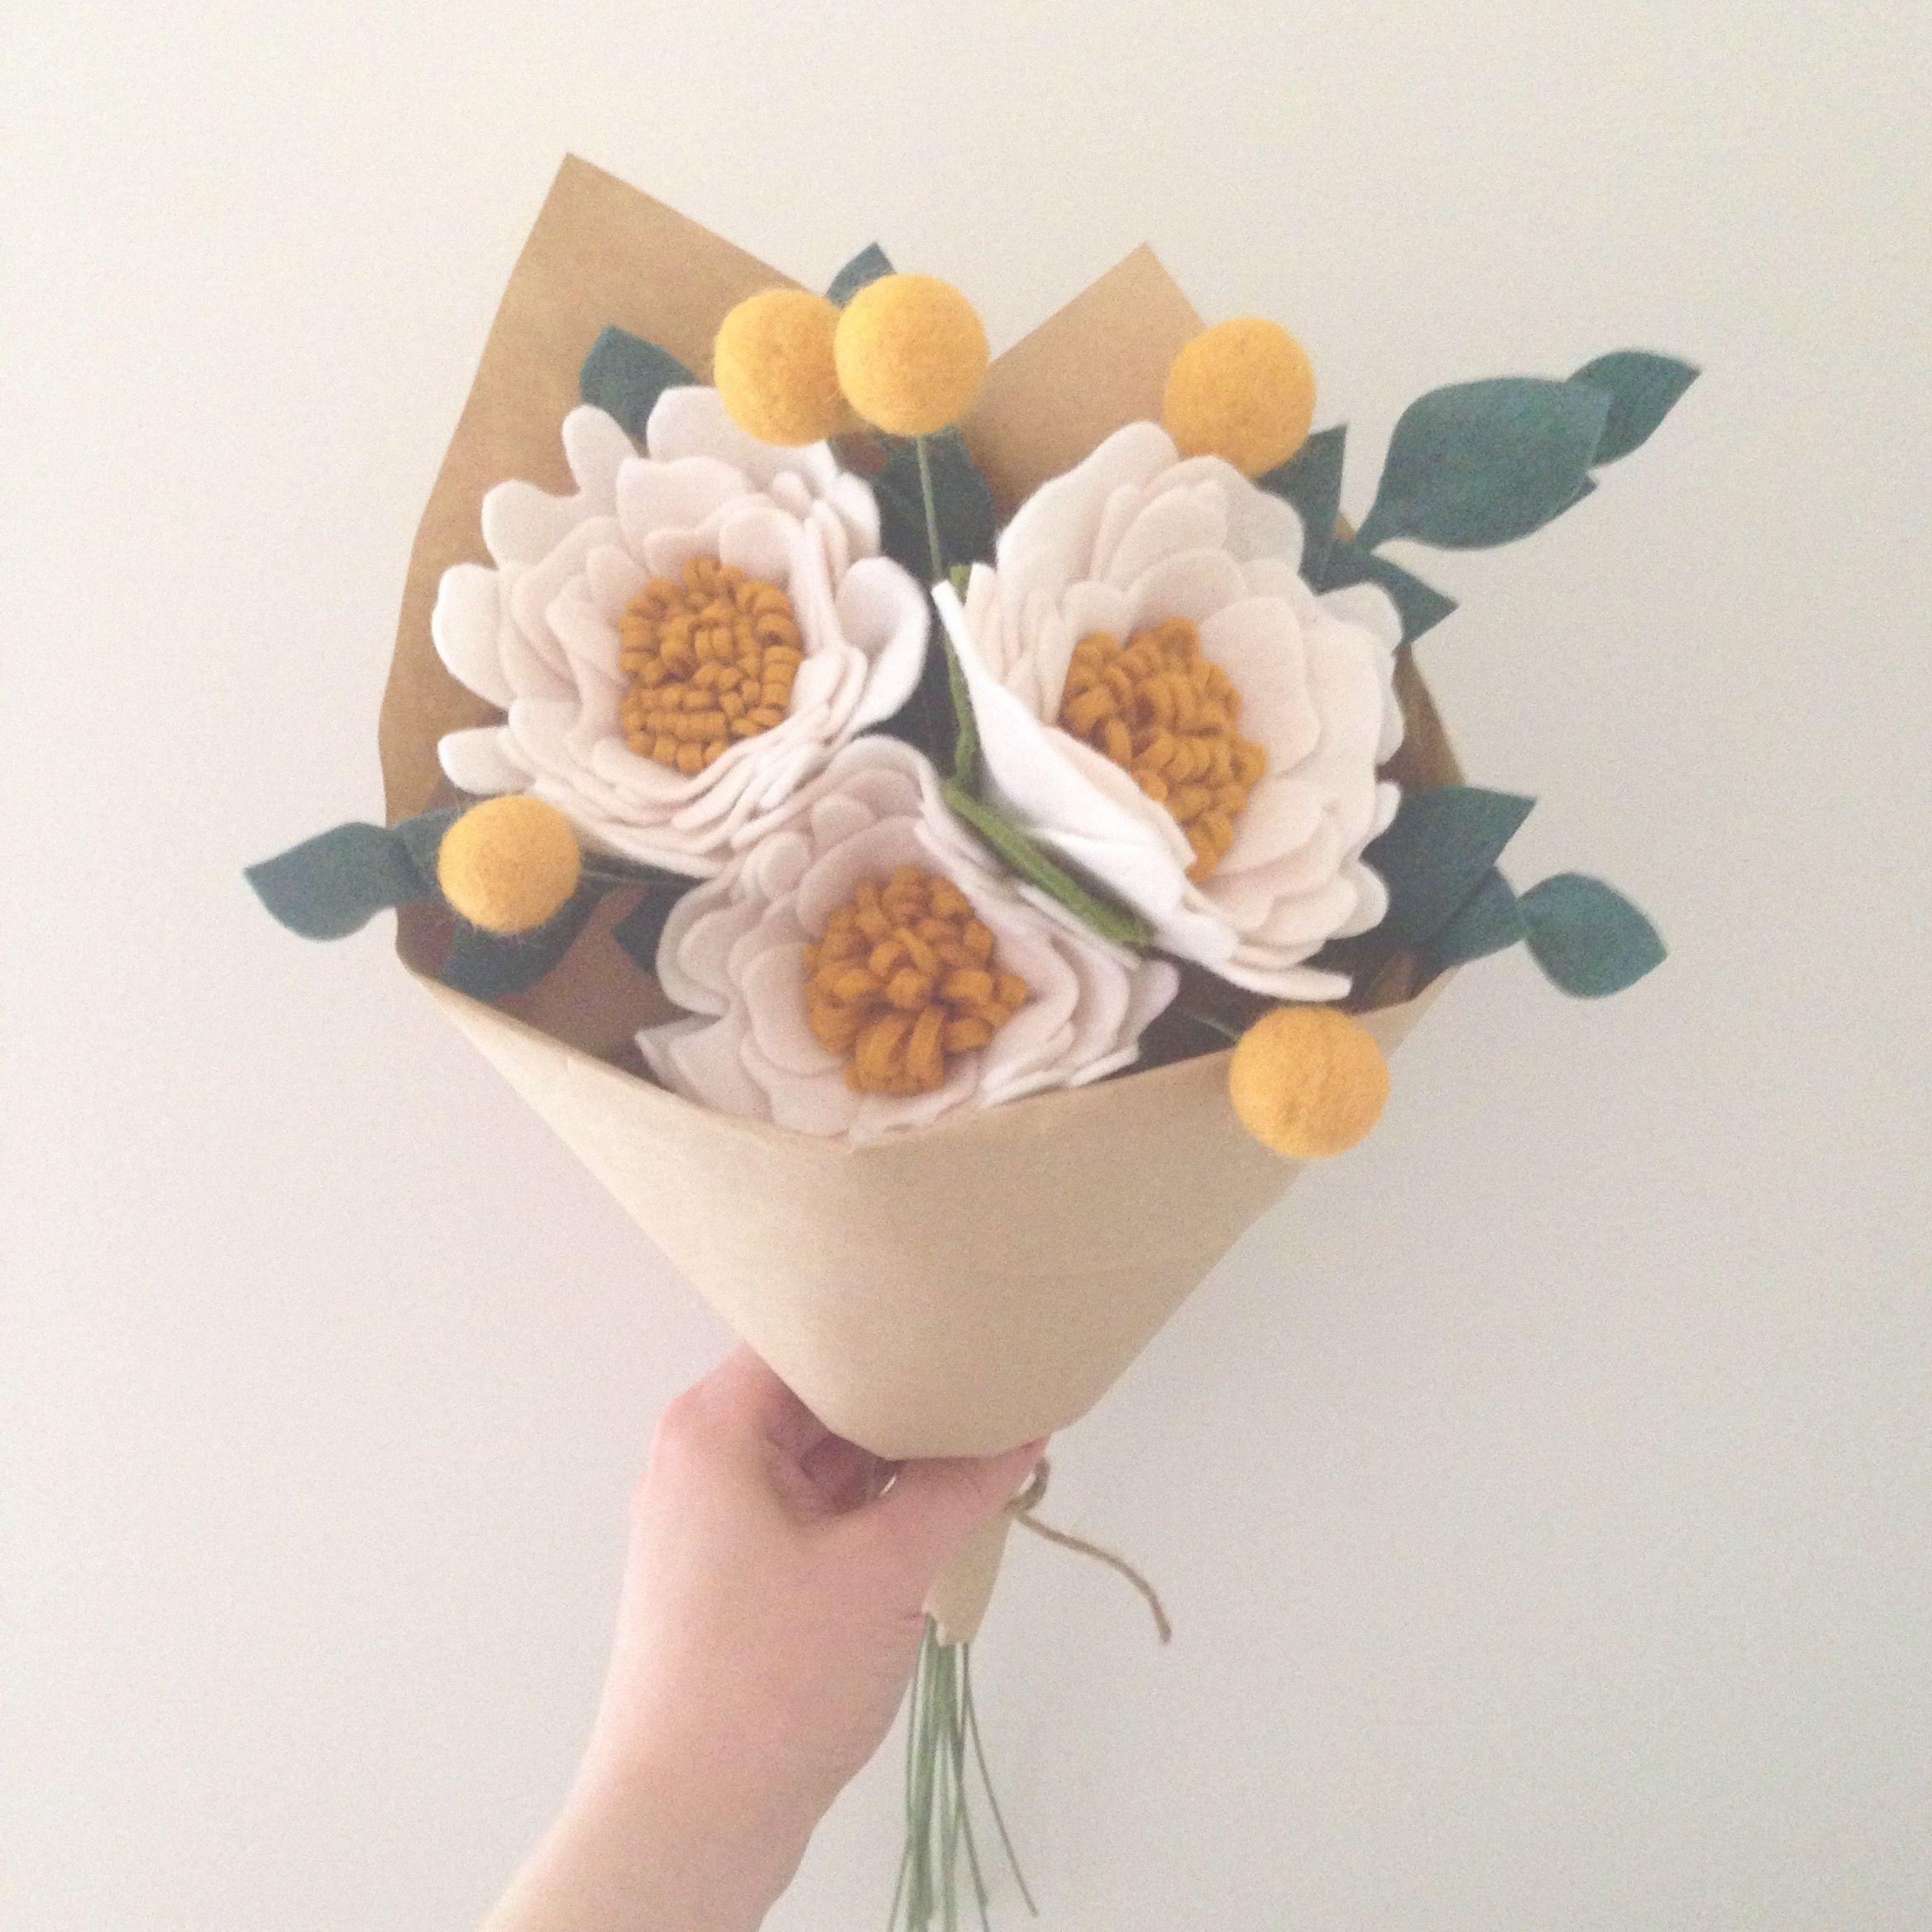 Felt flowers by dear may pinterest felt flowers felt flowers by dear may izmirmasajfo